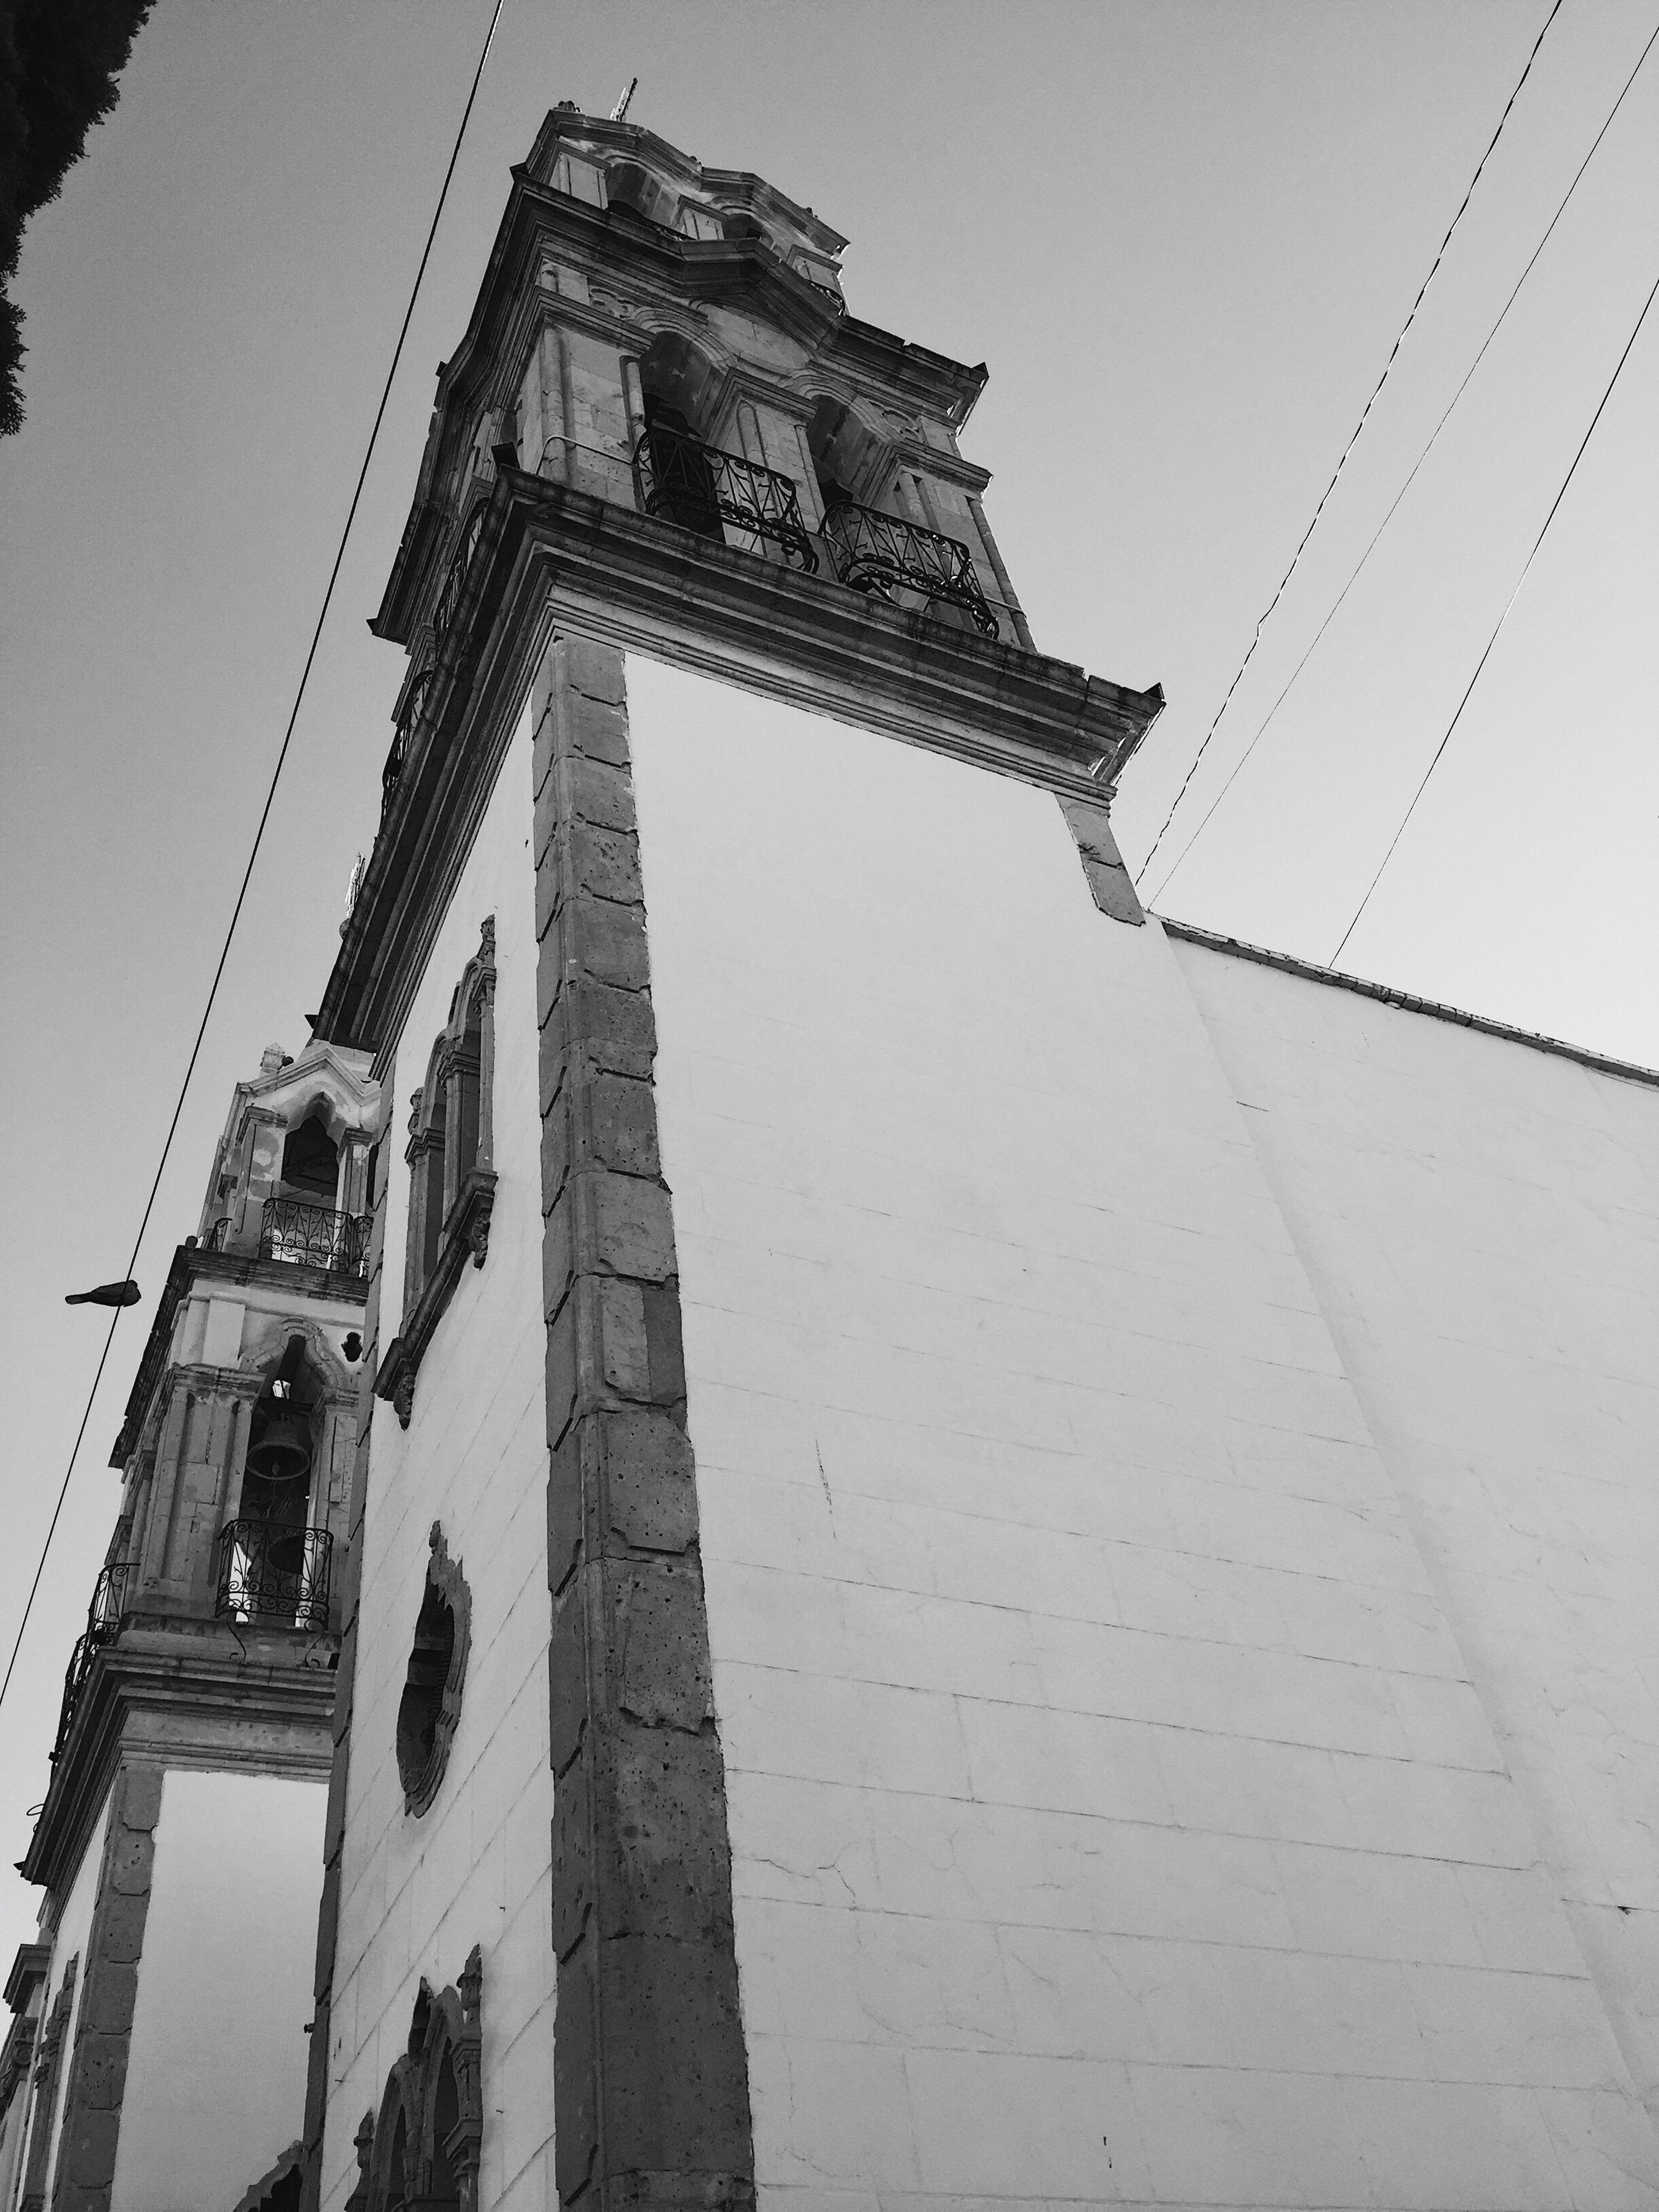 Inició construcción 1887 y terminó en 1896 sin las torres concluidas. Lerdo Iglesia Iglesia Católica  Black & White Blackandwhite Photography Neotico Neoclassical Neoclassical Architecture #iglesiasagradocorazon